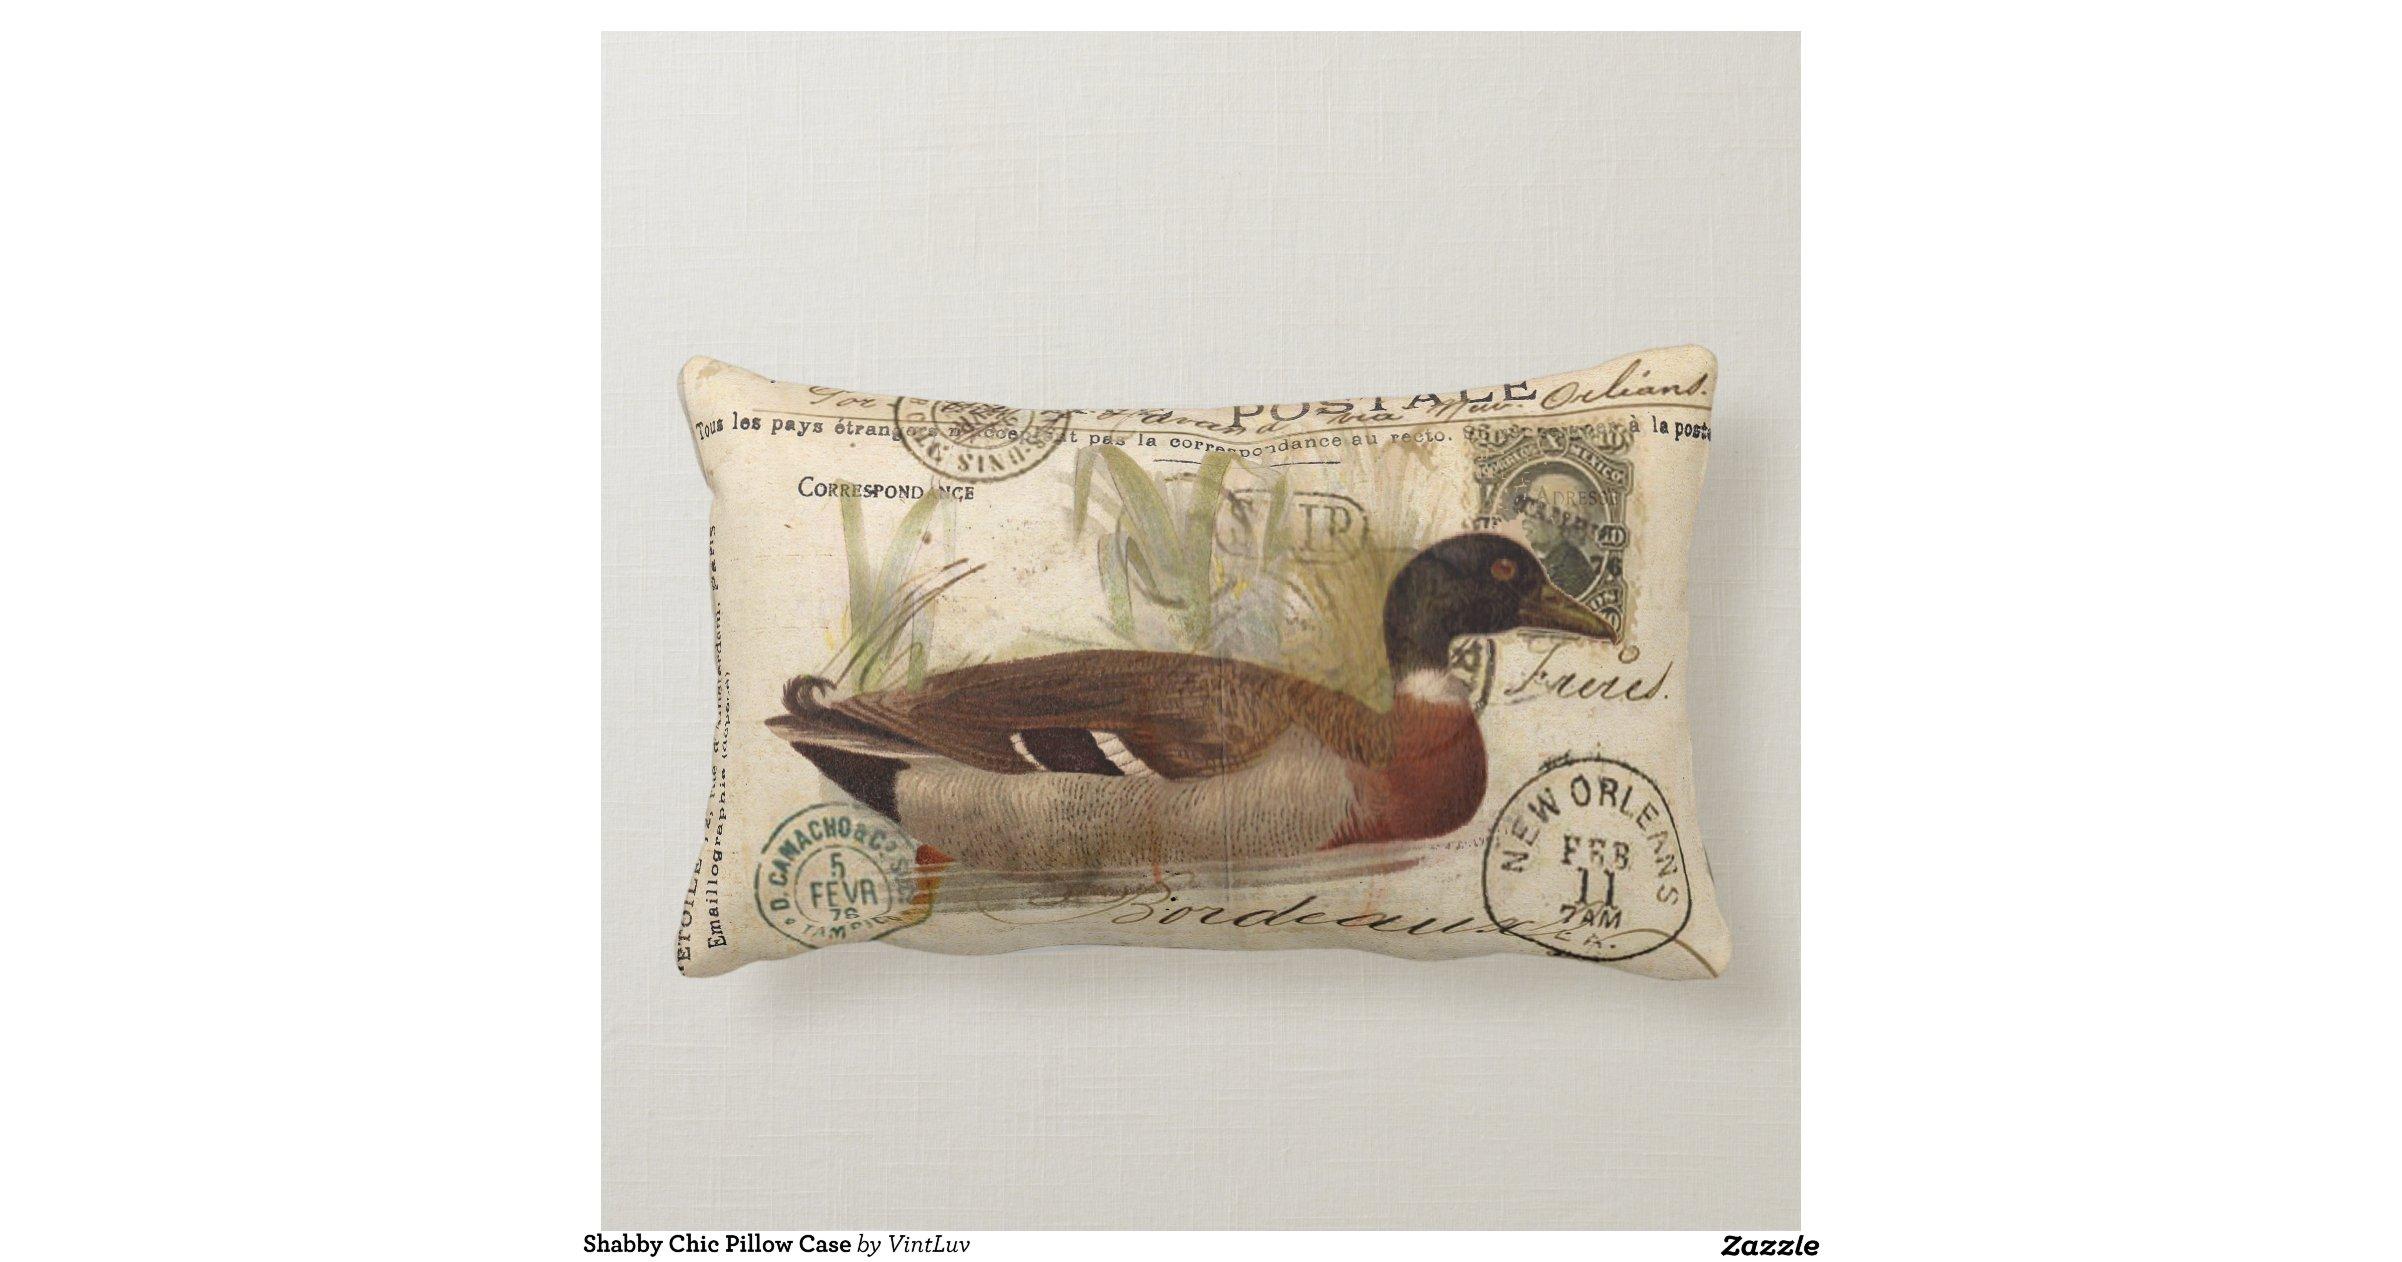 Shabby Chic Pillow Cases : shabby_chic_pillow_case-ree9aea12f068408792928fb60e76ad99_2i4t2_8byvr_1200.jpg?view_padding=[0 ...